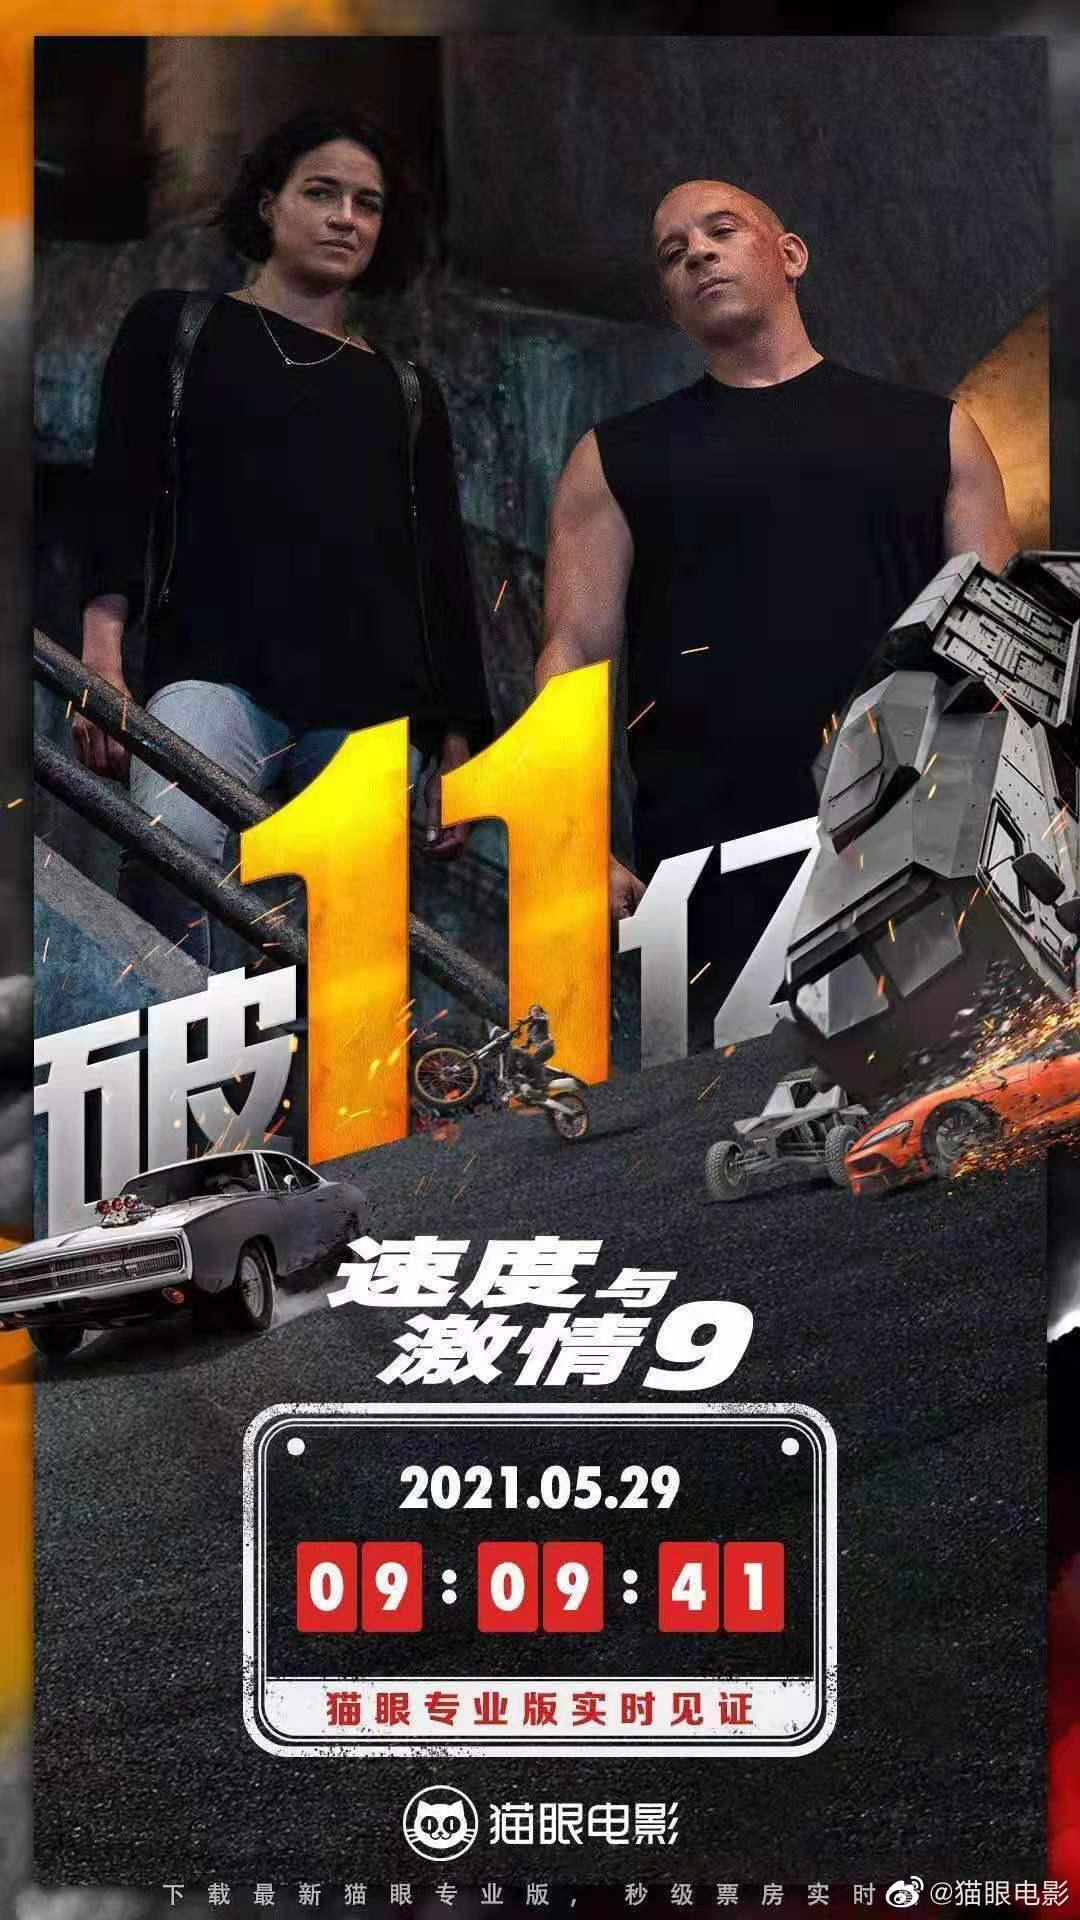 上映9天 《速度与激情9》国内票房突破11亿元